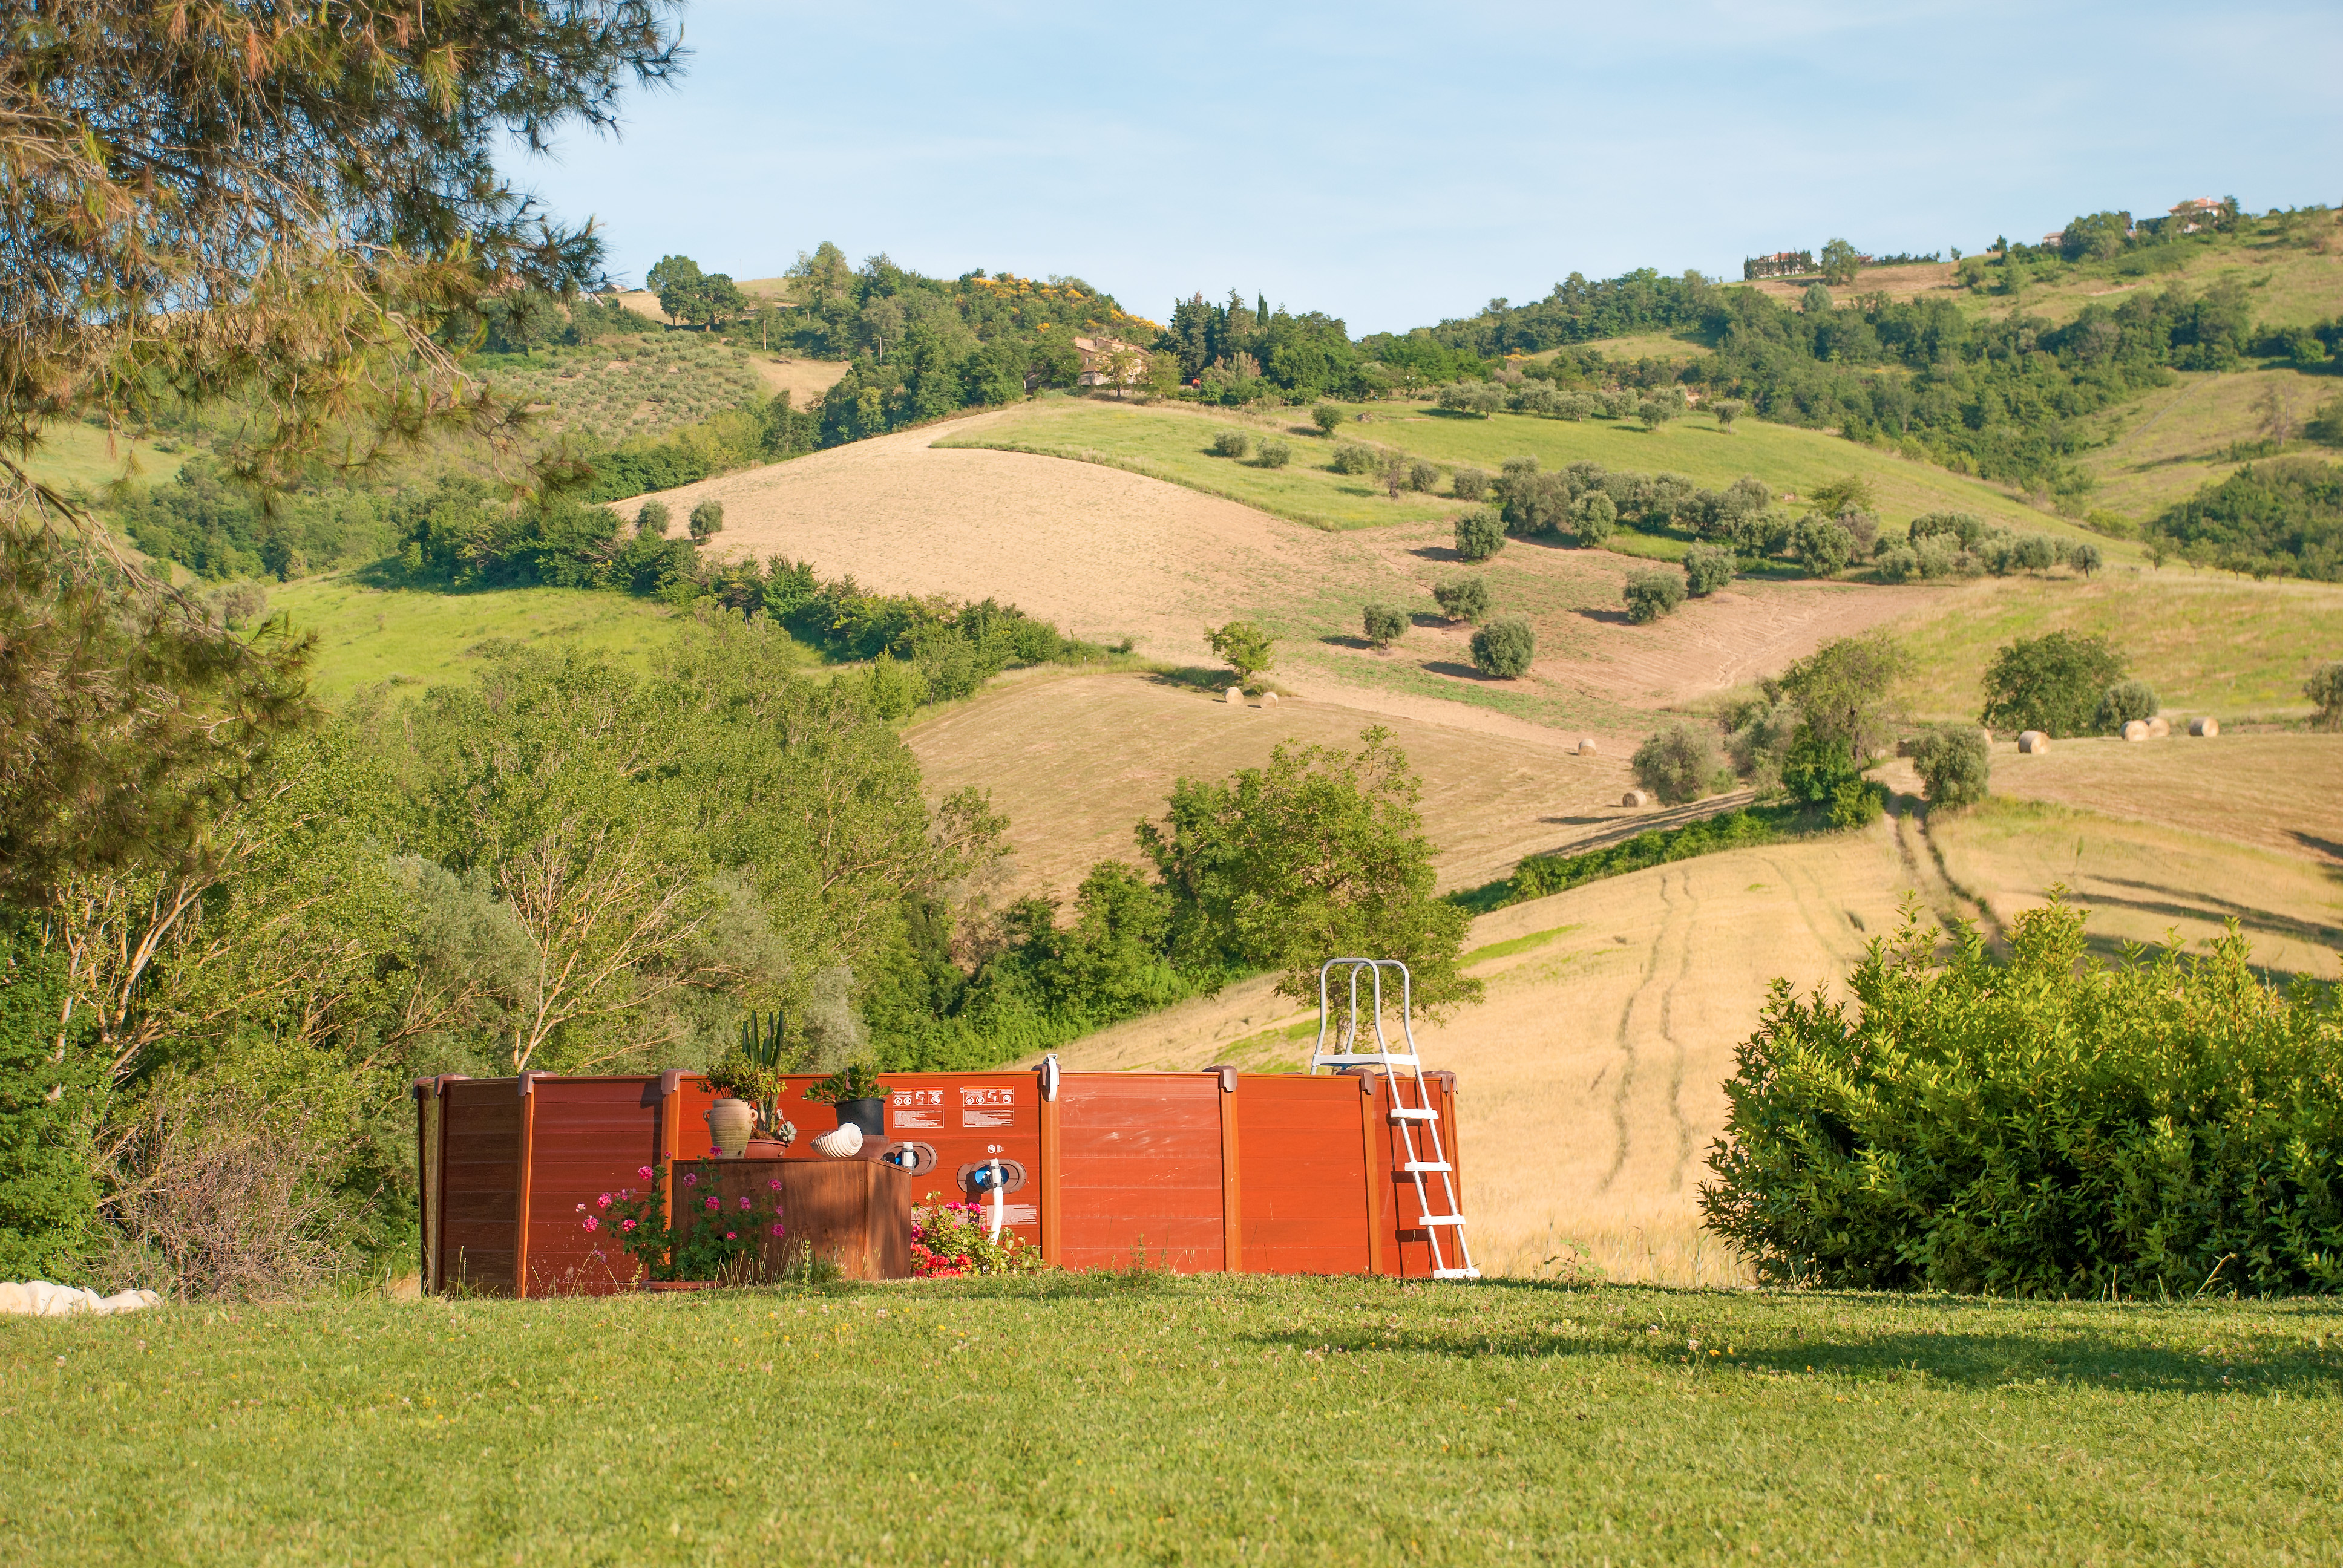 Ferienwohnung Il Casale di Giovanna - Rosemary (2123980), San Venanzo, Ascoli Piceno, Marken, Italien, Bild 5